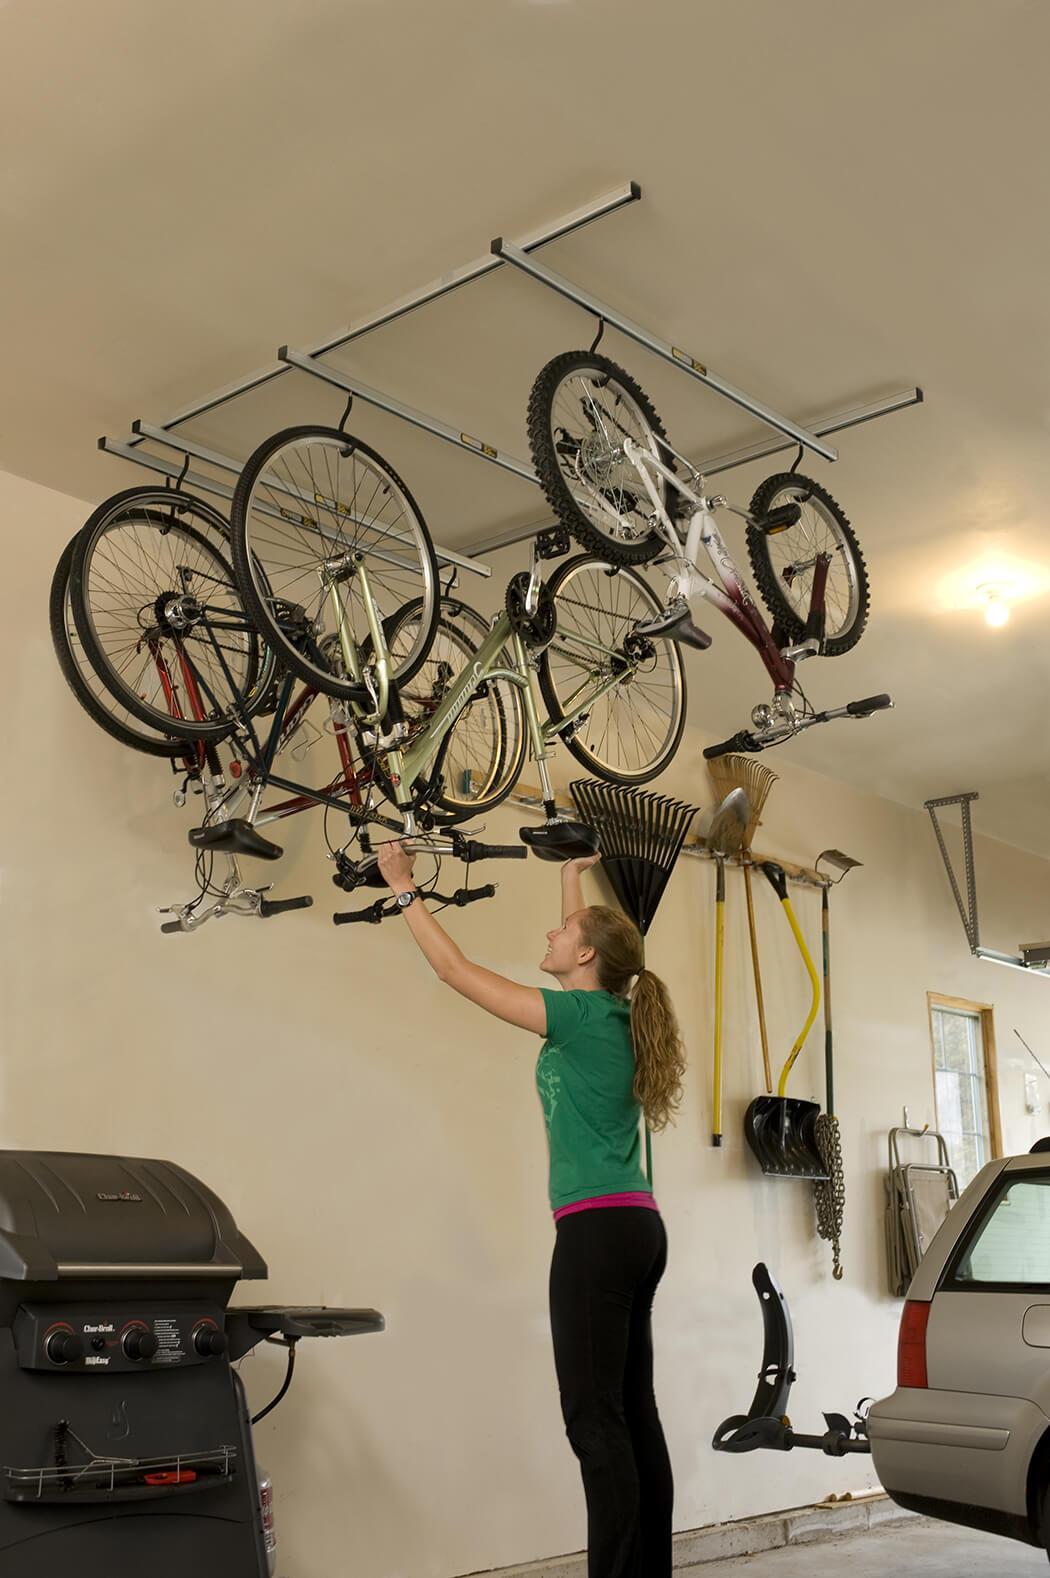 multi bike storage rack